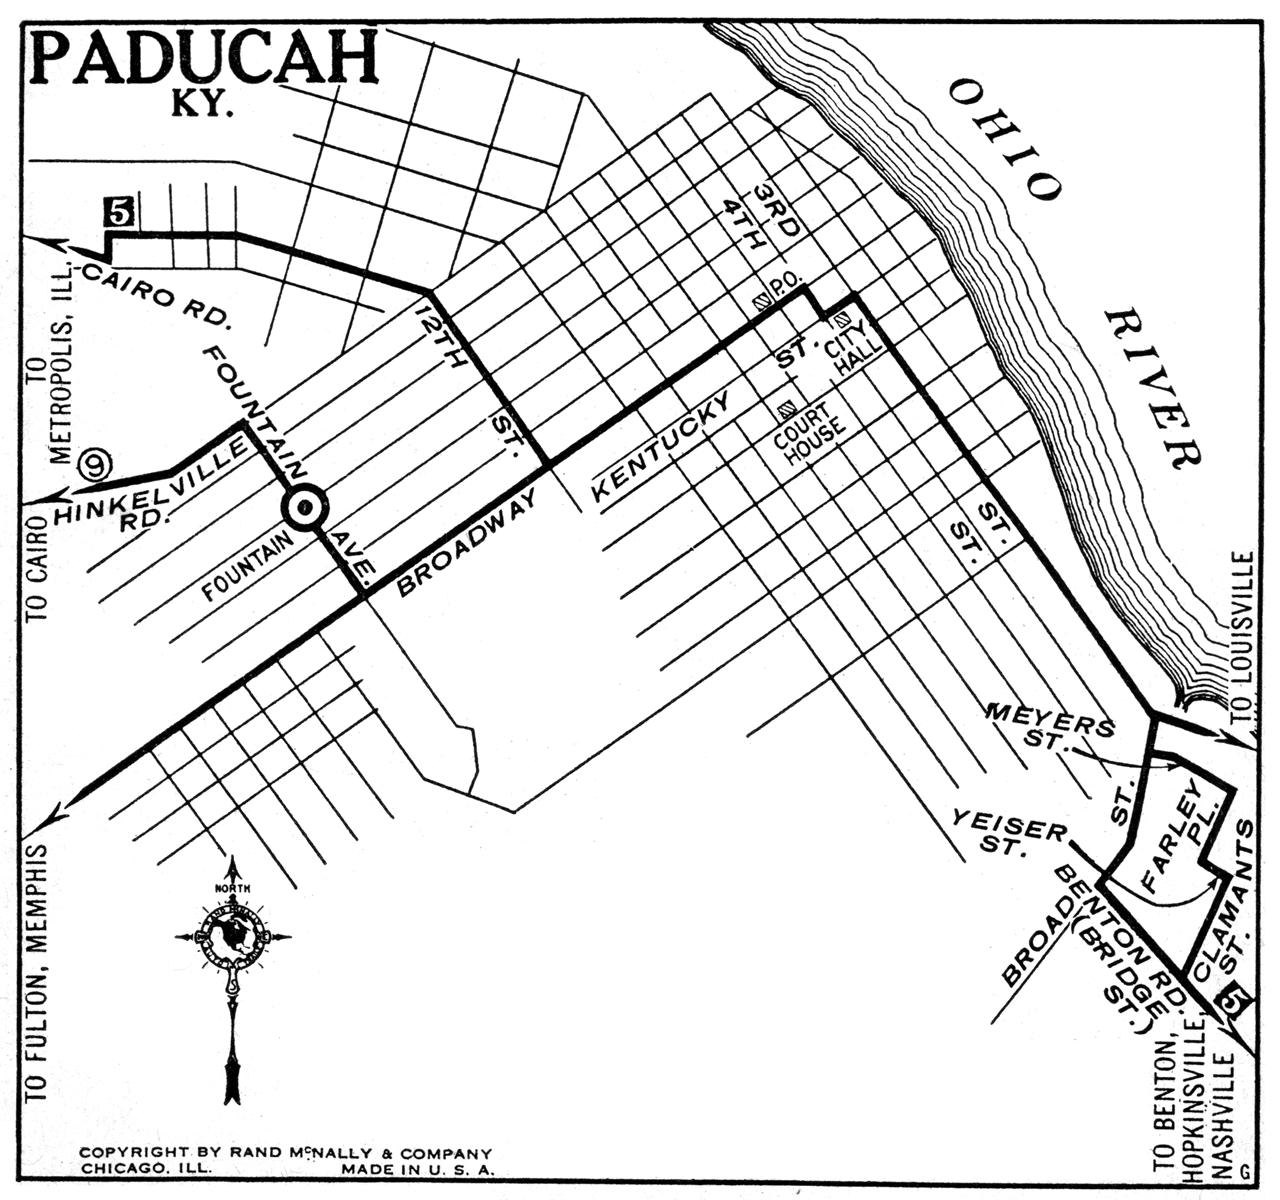 Kentucky City Maps At AmericanRoadscom - Paducah ky map